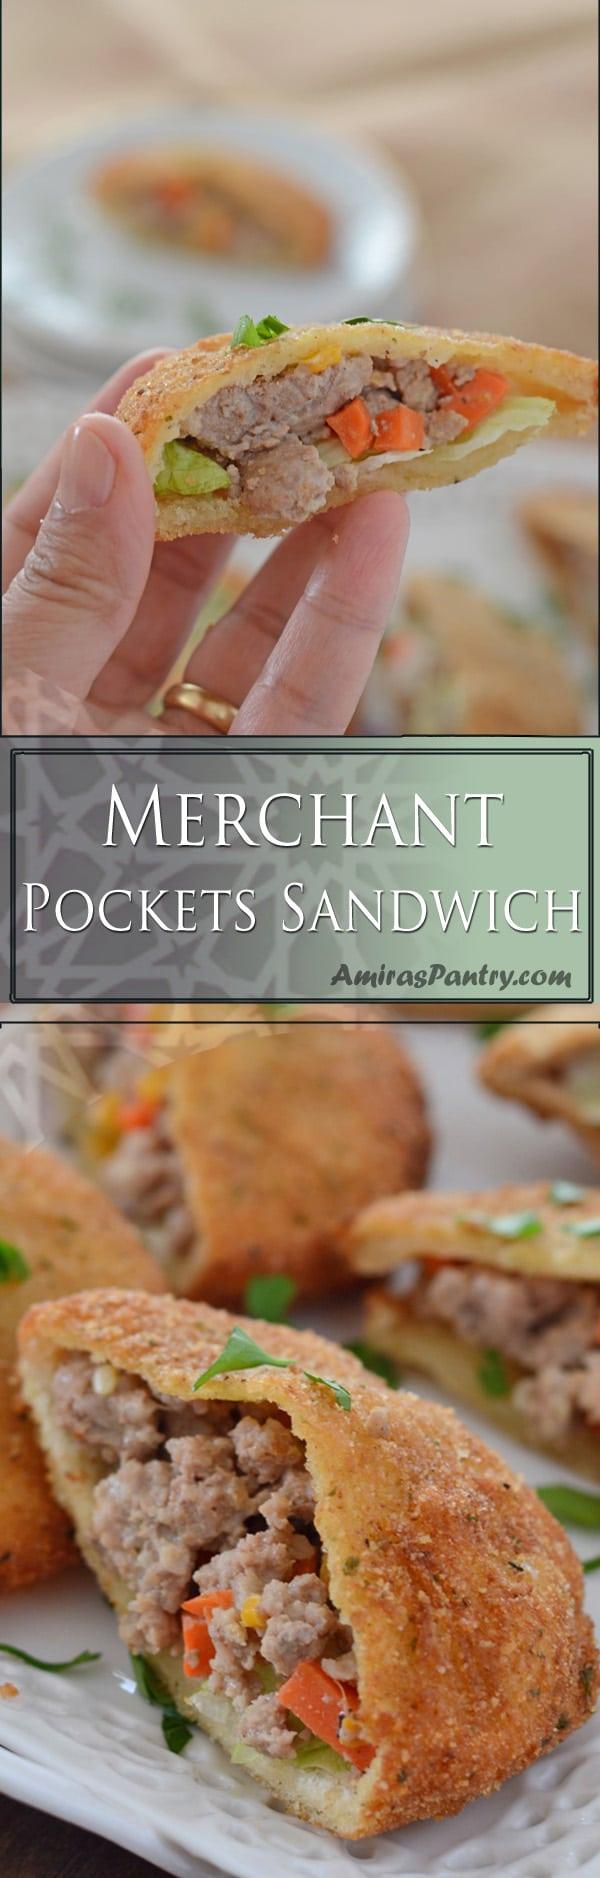 An infograph for merchant pocket sandwich recipe